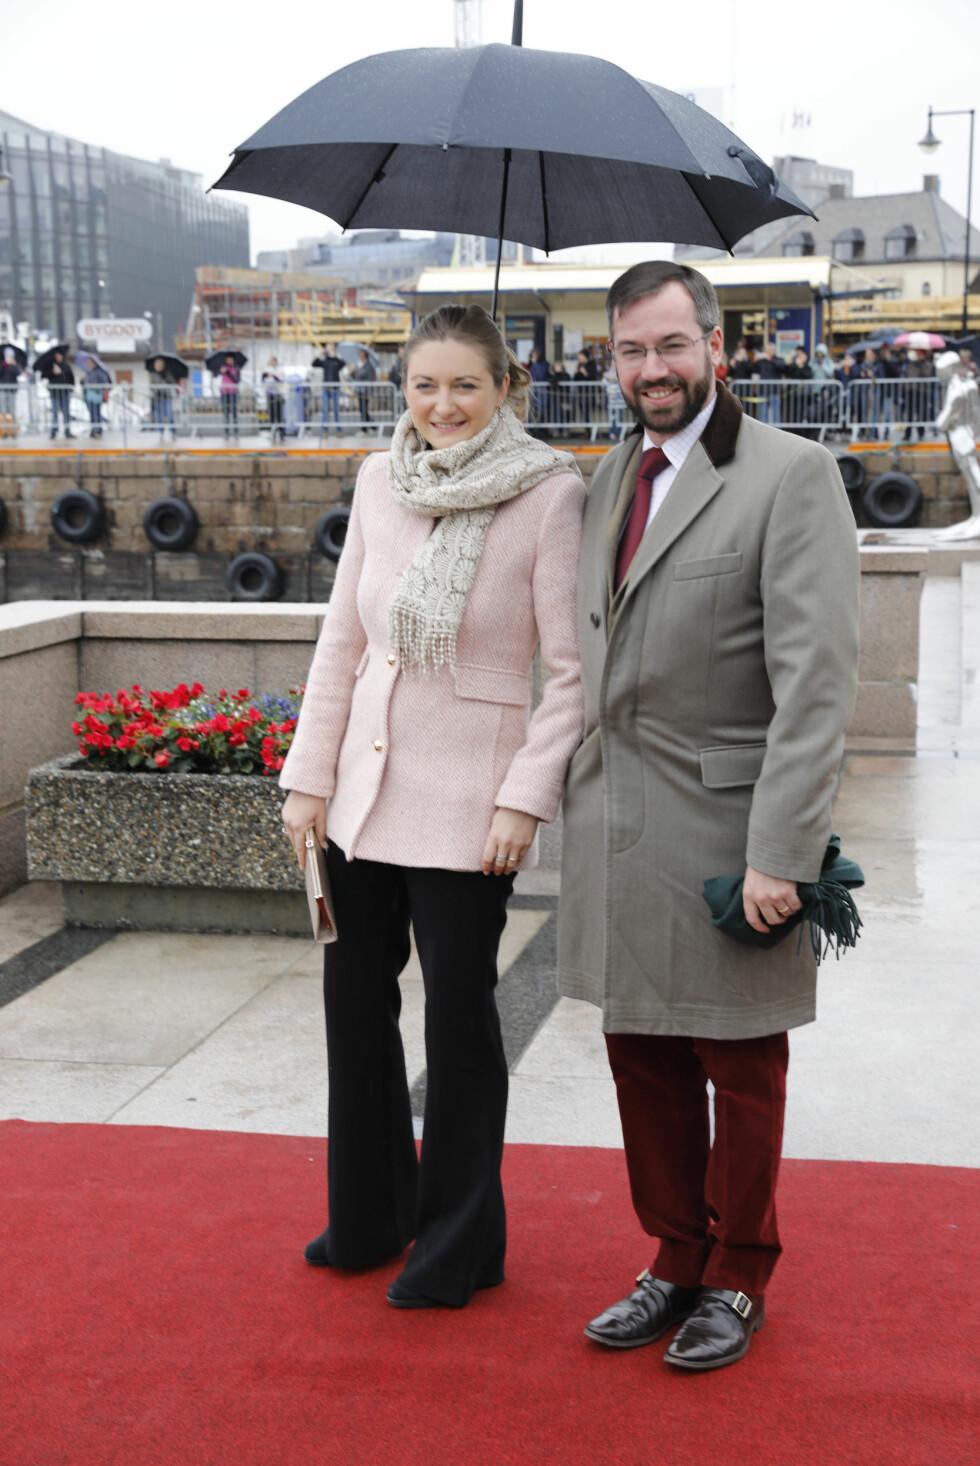 BURSDAGSFEST: Prins Guillaume og Stéphanie av Luxemburg var blant de celebre gjestene på kongeskipet Norge. Foto: Foto: Kallestad, Gorm / NTB Scanpix